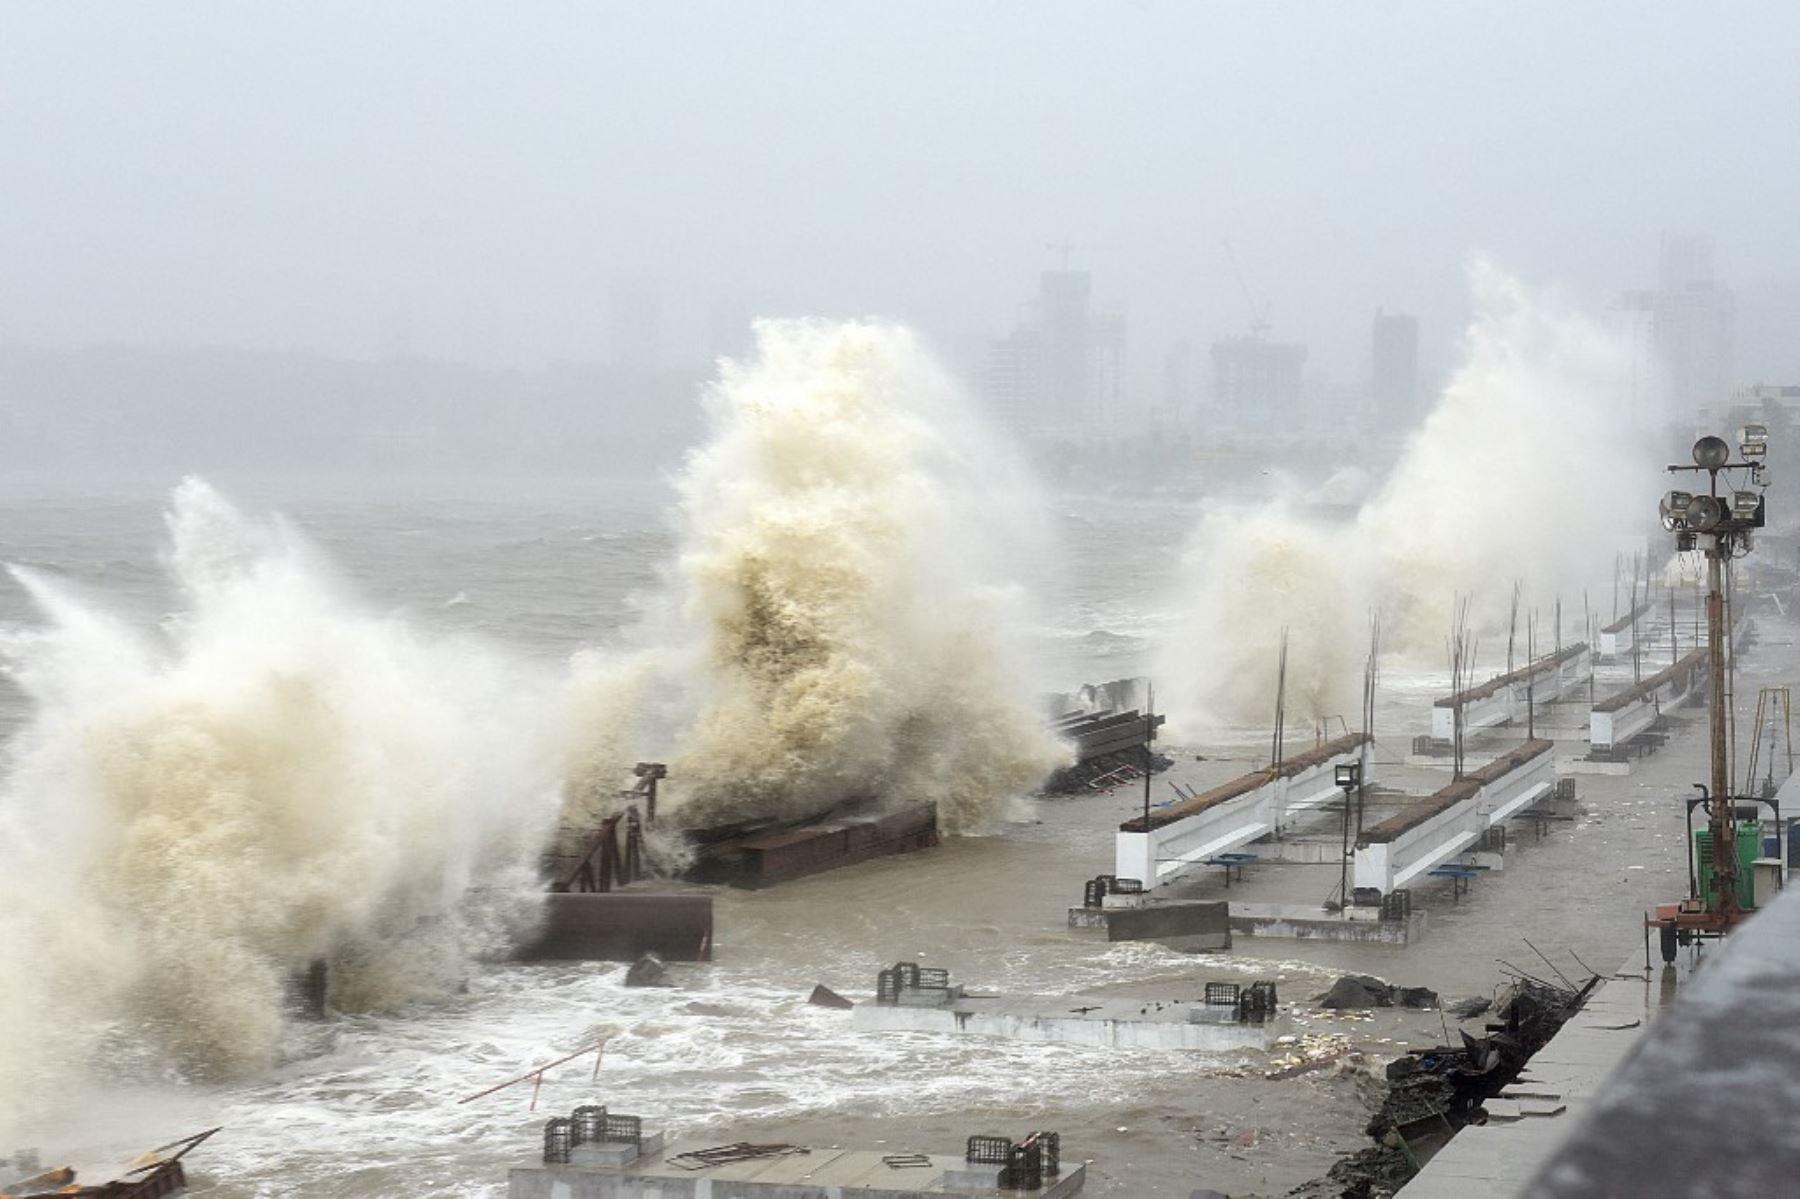 Las olas azotan una costa en Mumbai el 17 de mayo de 2021, cuando el ciclón Tauktae, que genera vientos feroces y amenaza con una tormenta destructiva, azota India, interrumpiendo la respuesta del país a su devastador brote de Covid-19. Foto: AFP